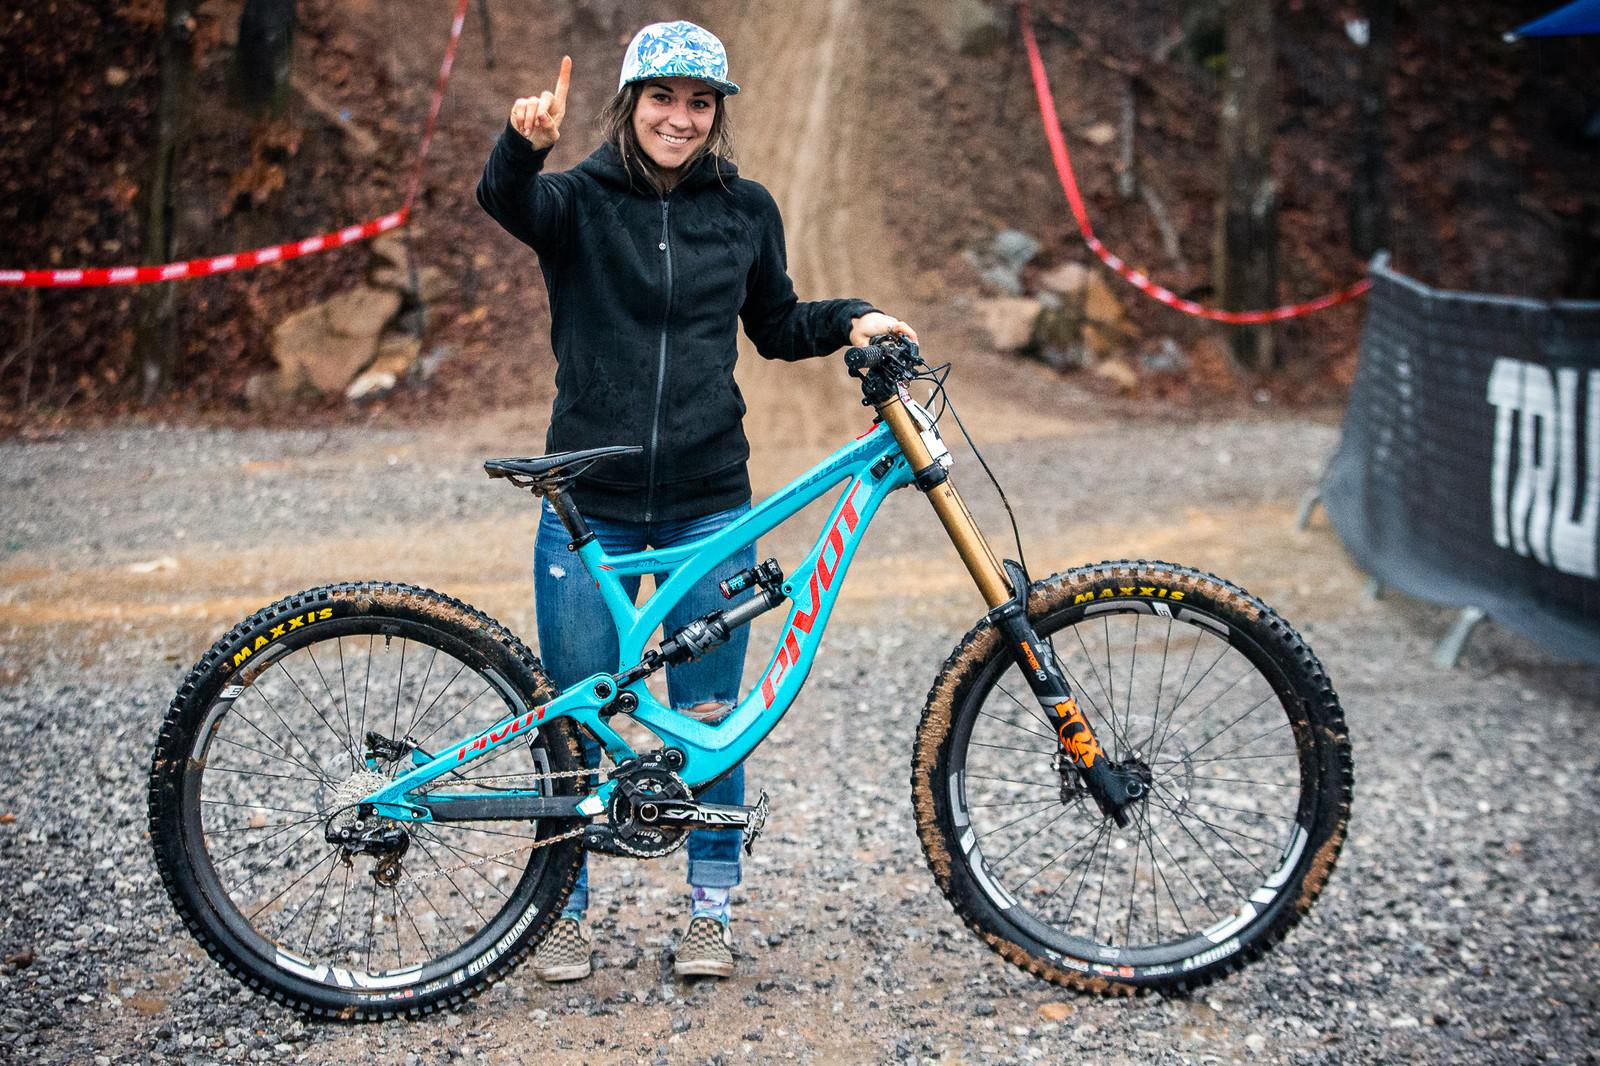 WINNING BIKE: Rachel Pageau's Pivot Phoenix 27.5 from Windrock Pro GRT - 2019 WINNING BIKES - Mountain Biking Pictures - Vital MTB